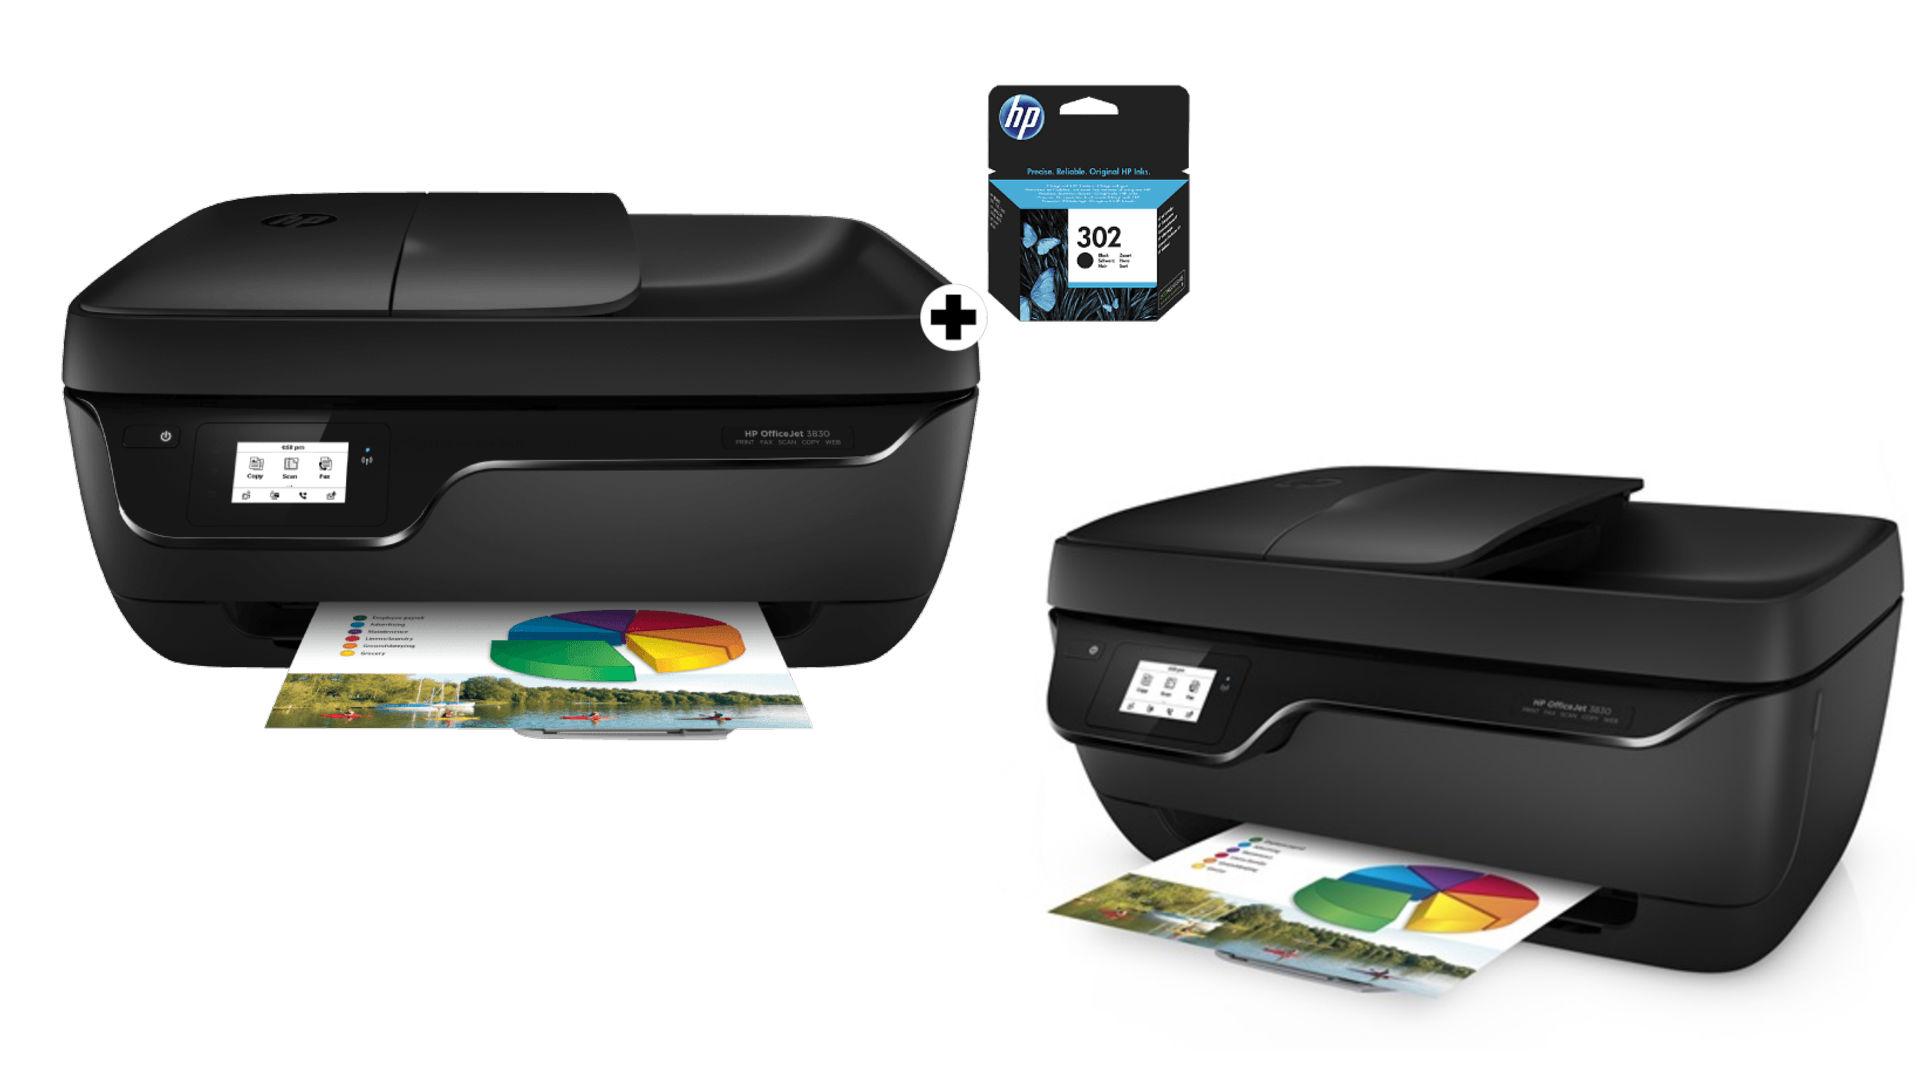 impresora_hp_officejet_3834_todo-en-uno_wi-fi_cartucho_hp_final.jpg